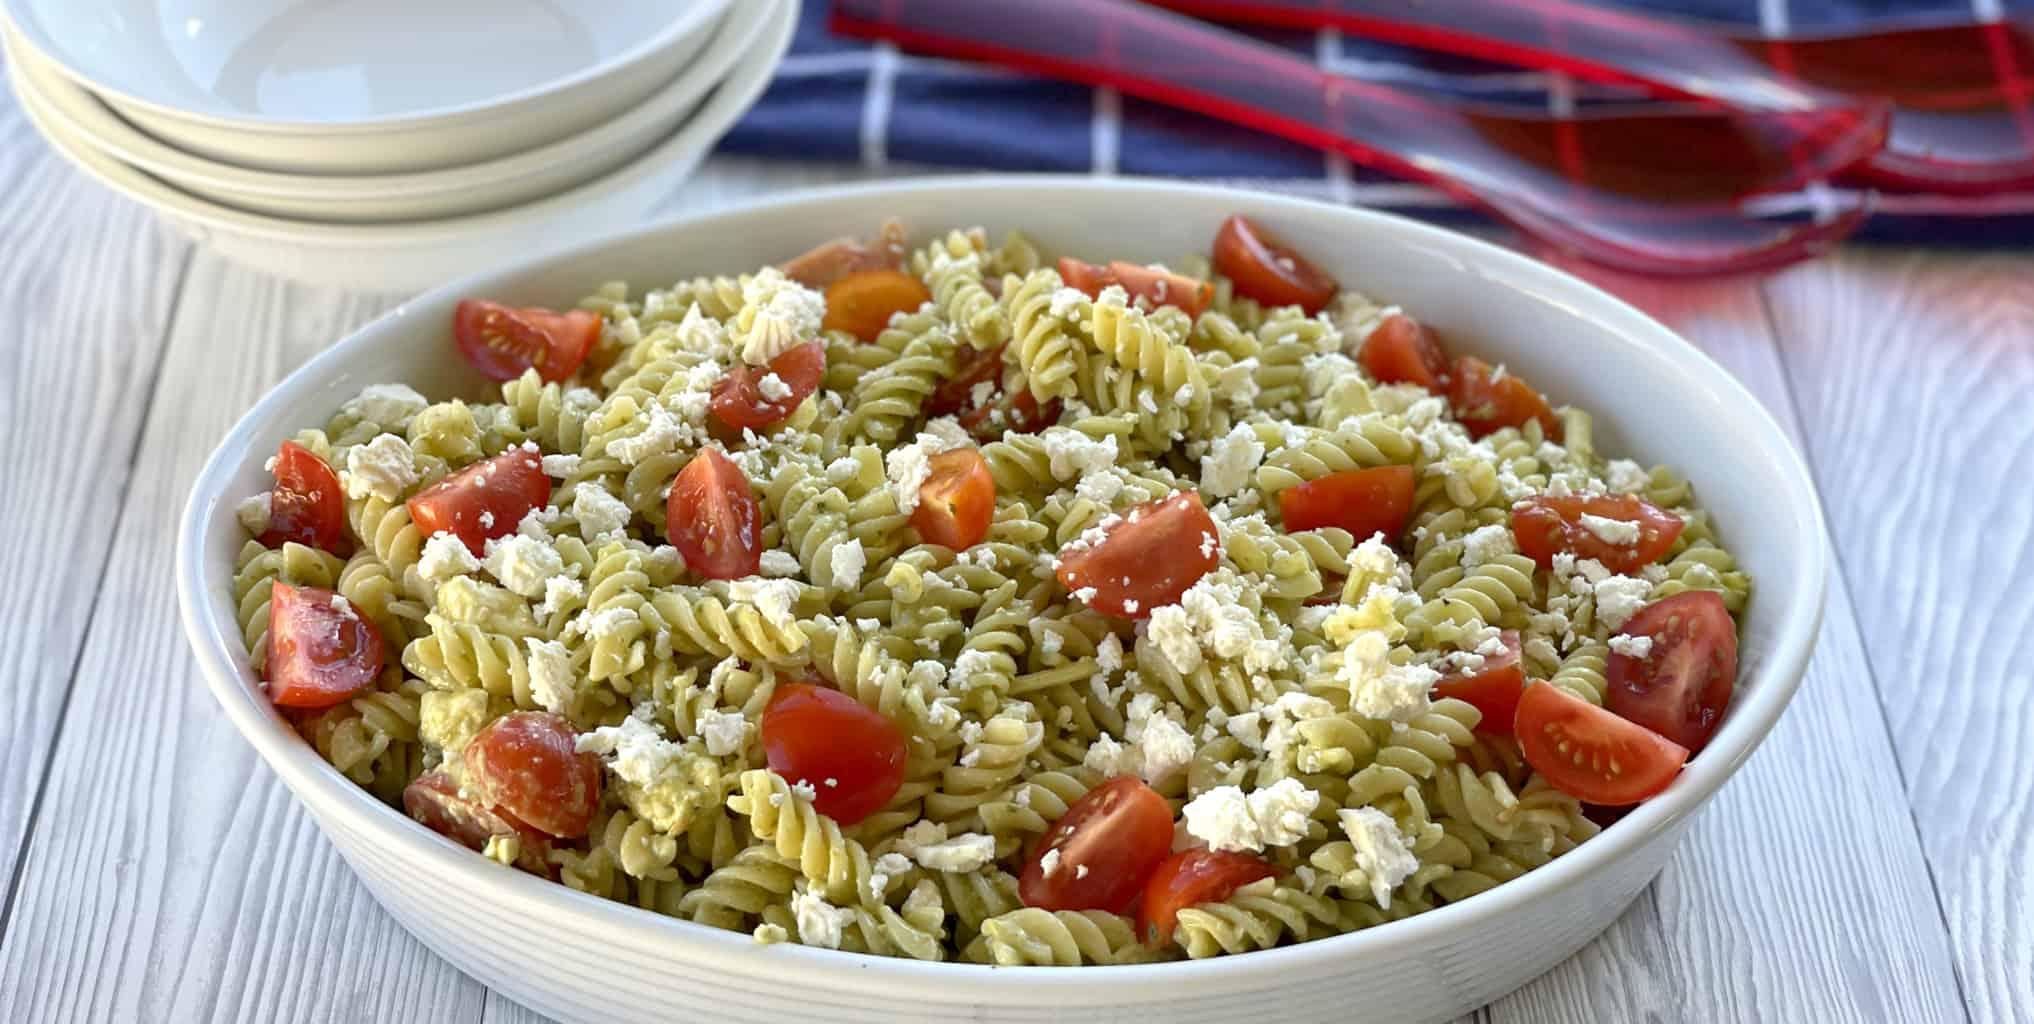 Large white bowl of Pesto Pasta Salad